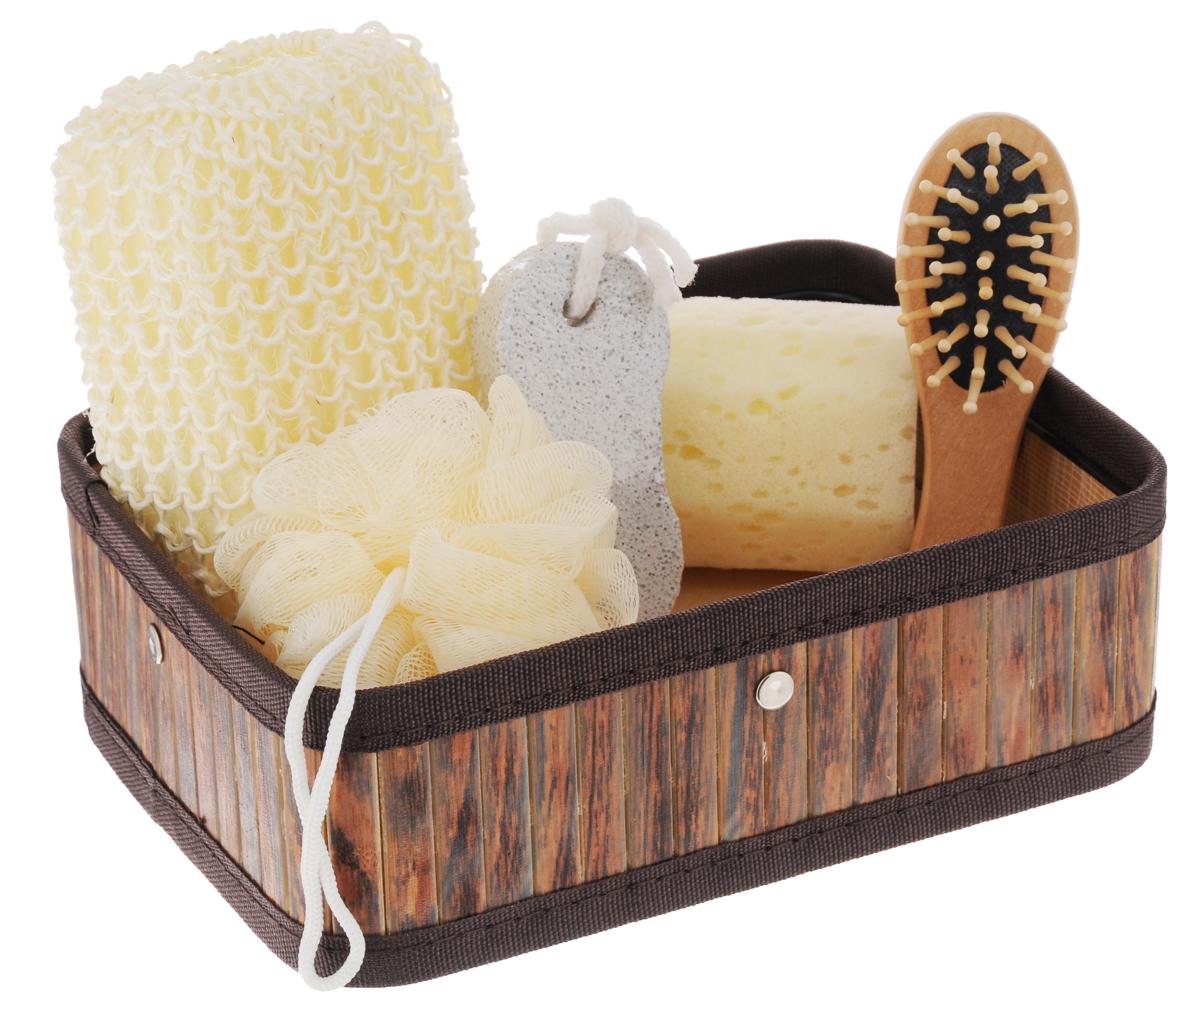 Набор для ванной и бани Феникс-Презент Чистюля, 6 предметов40633Набор для ванной и бани Феникс-презент Чистюля включает: - массажная щетка для волос из древесины павловнии, - мочалка для купания из сизаля, - мочалка для купания из полиэтилена, - губка для купания из поролона, - пемза для ухода за кожей,- коробка из бамбука. Такой мини-набор станет не заменимым и сделает банную процедуру еще более комфортной и расслабляющей. Размер мочалки из сизаля: 14 х 9 х 4,5 см. Диаметр мочалки из полиэтилена: 9,5 см. Диаметр губки для купания: 6 см.Размер щетки для волос: 12 х 4 х 2,3 см.Размер коробки: 22,1 х 16,1 х 7,2 см.Размер пемзы: 9,5 х 4,2 х 1,5 см.